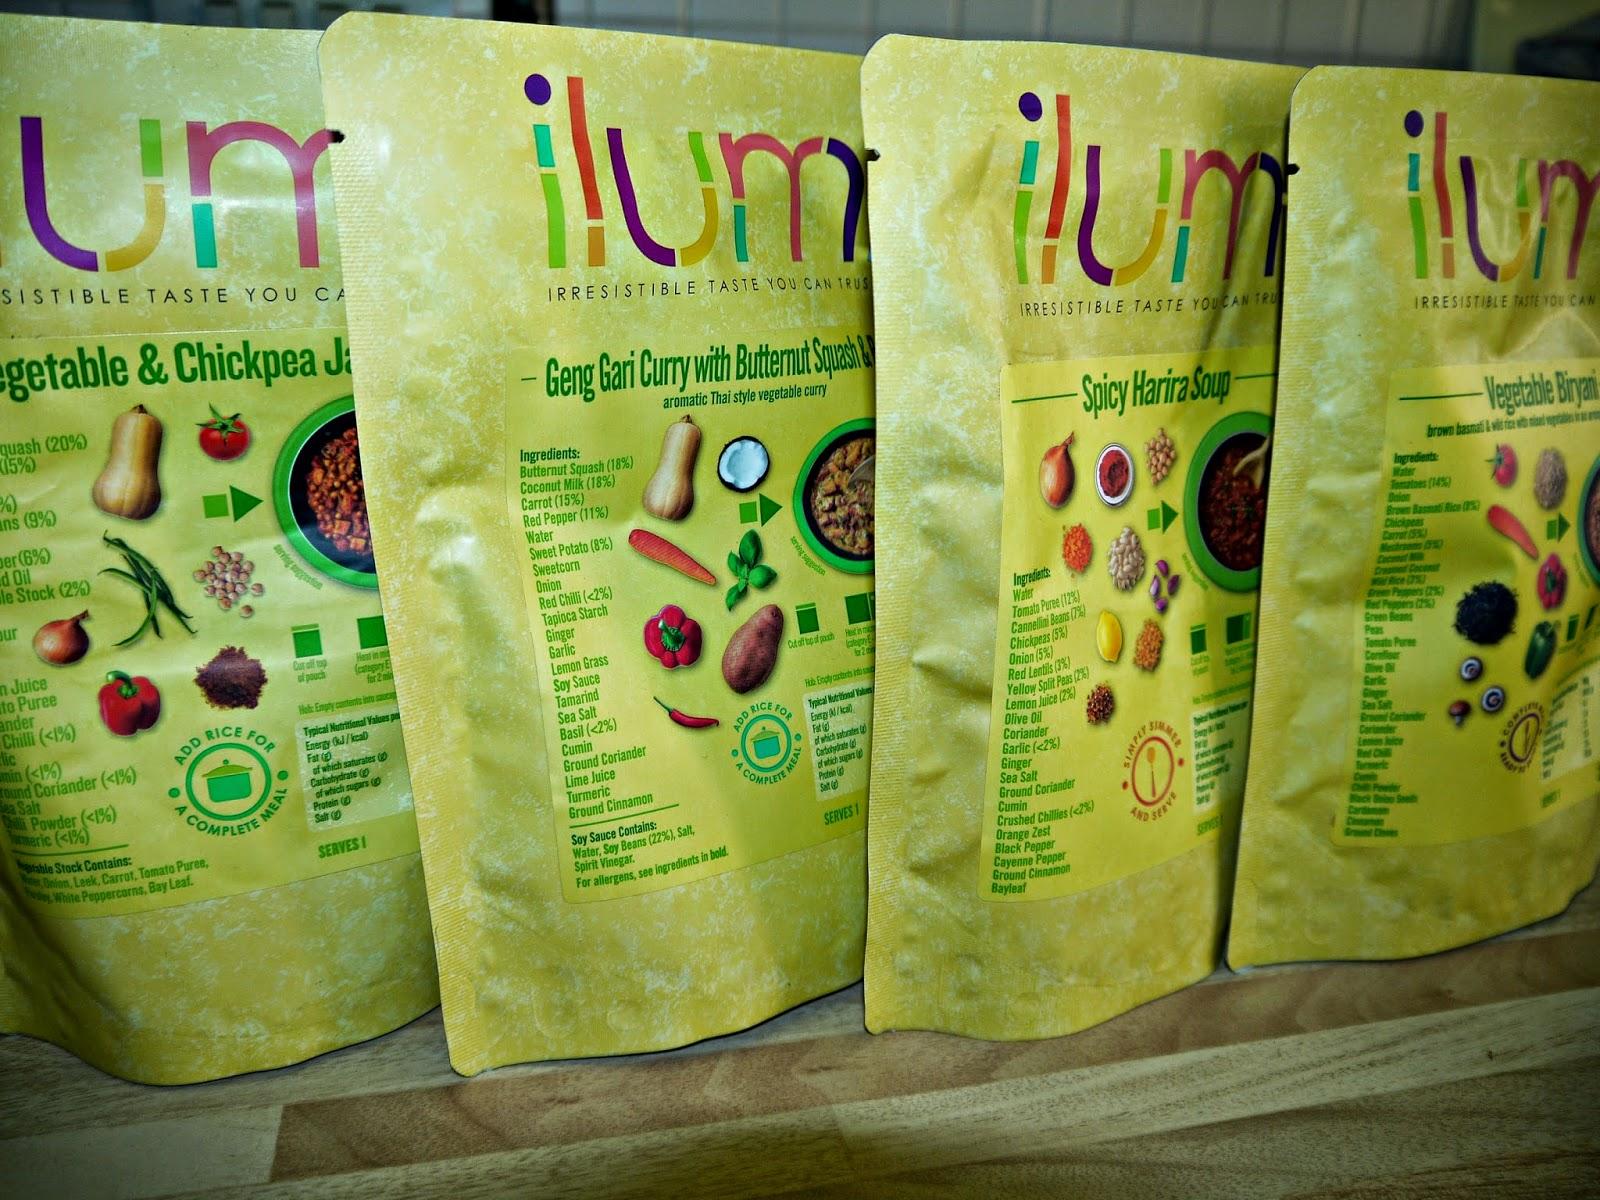 gluten free, vegan, ilumi